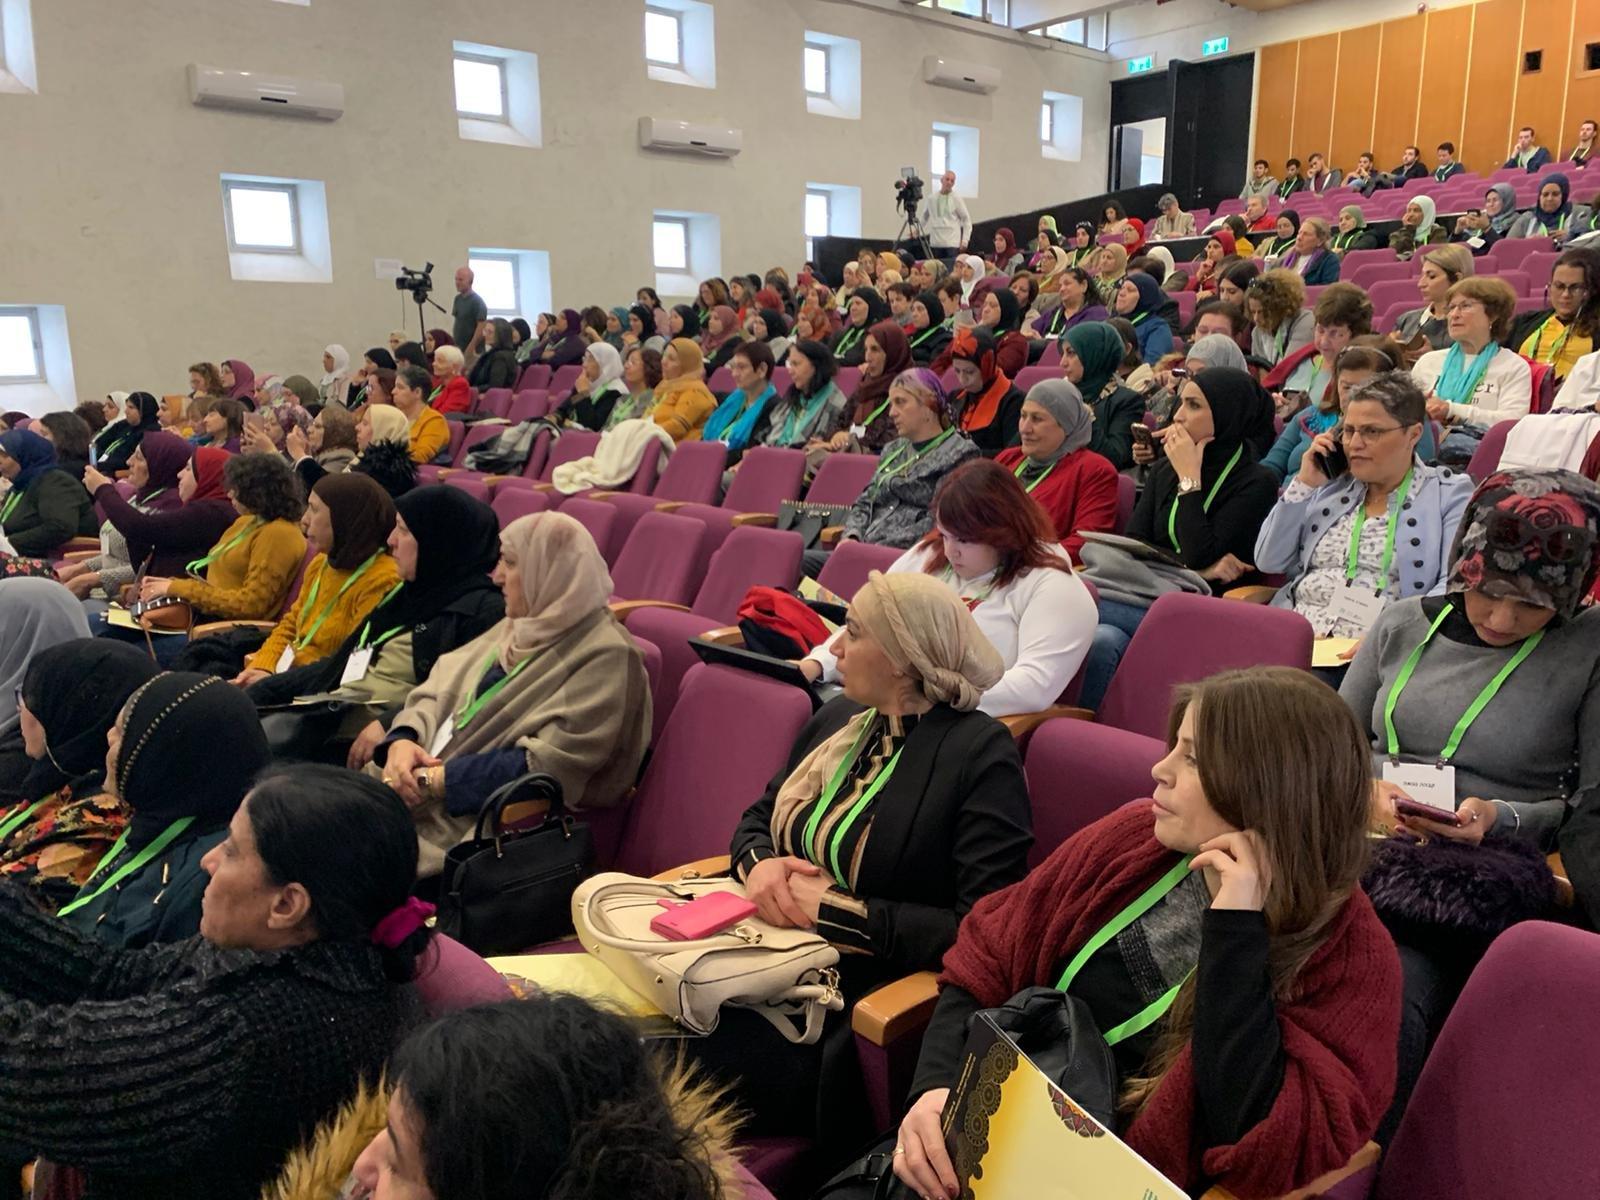 حضور واسع في مؤتمر نساء يصنعن التغيير في جفعات حبيبة